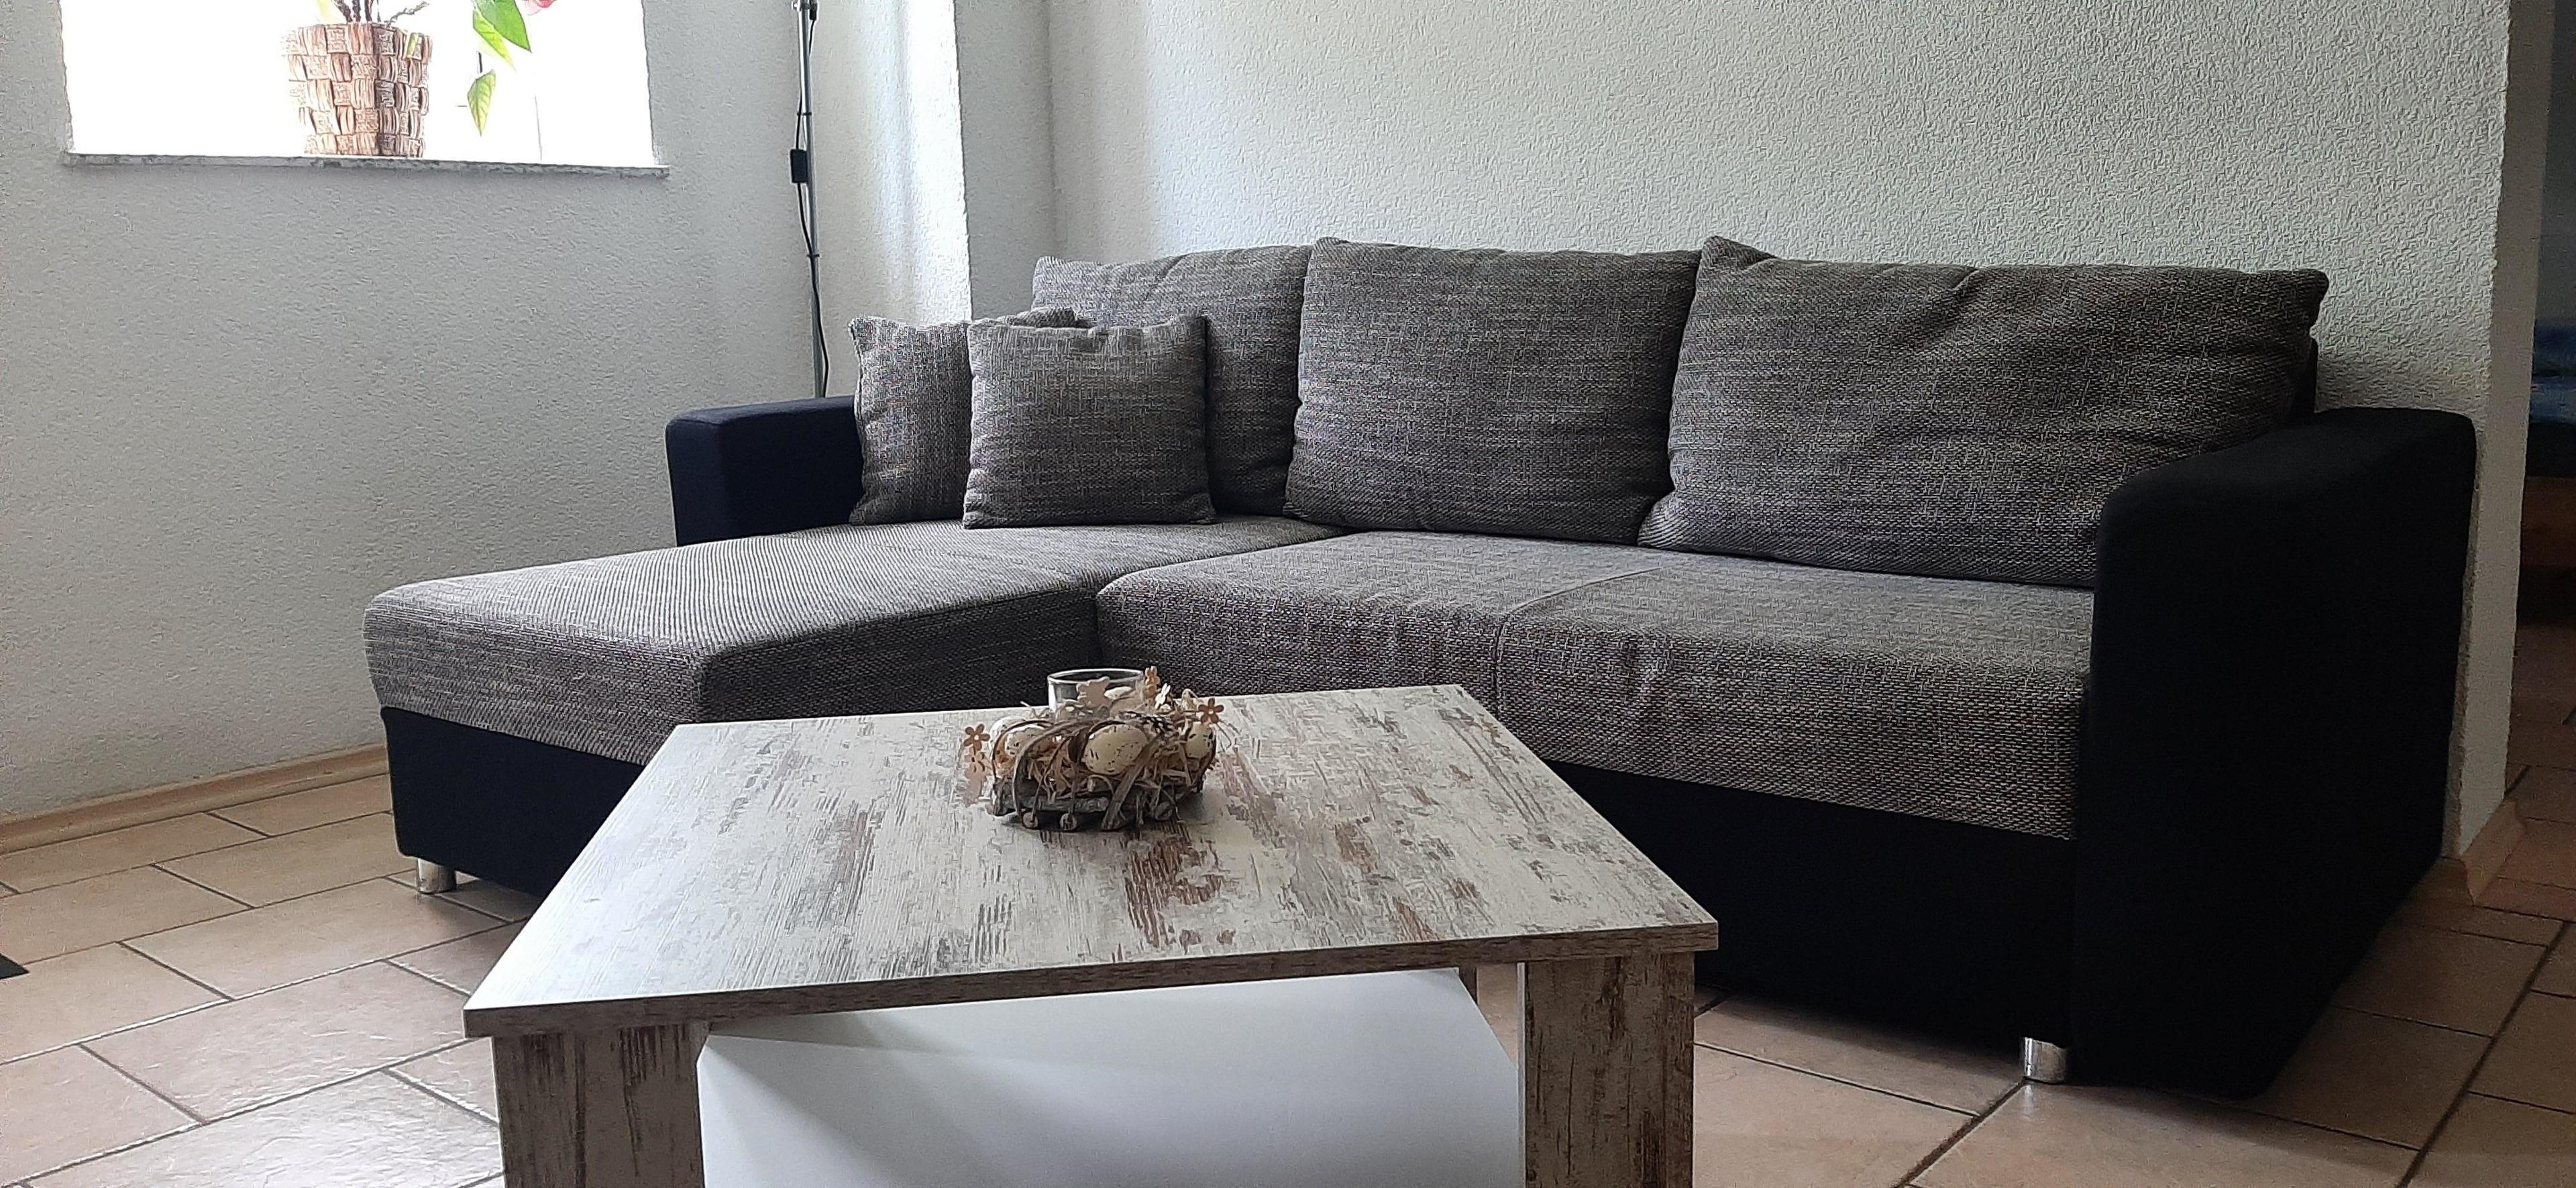 Feriendomizil Roger Wohnung 1 Ferienwohnung